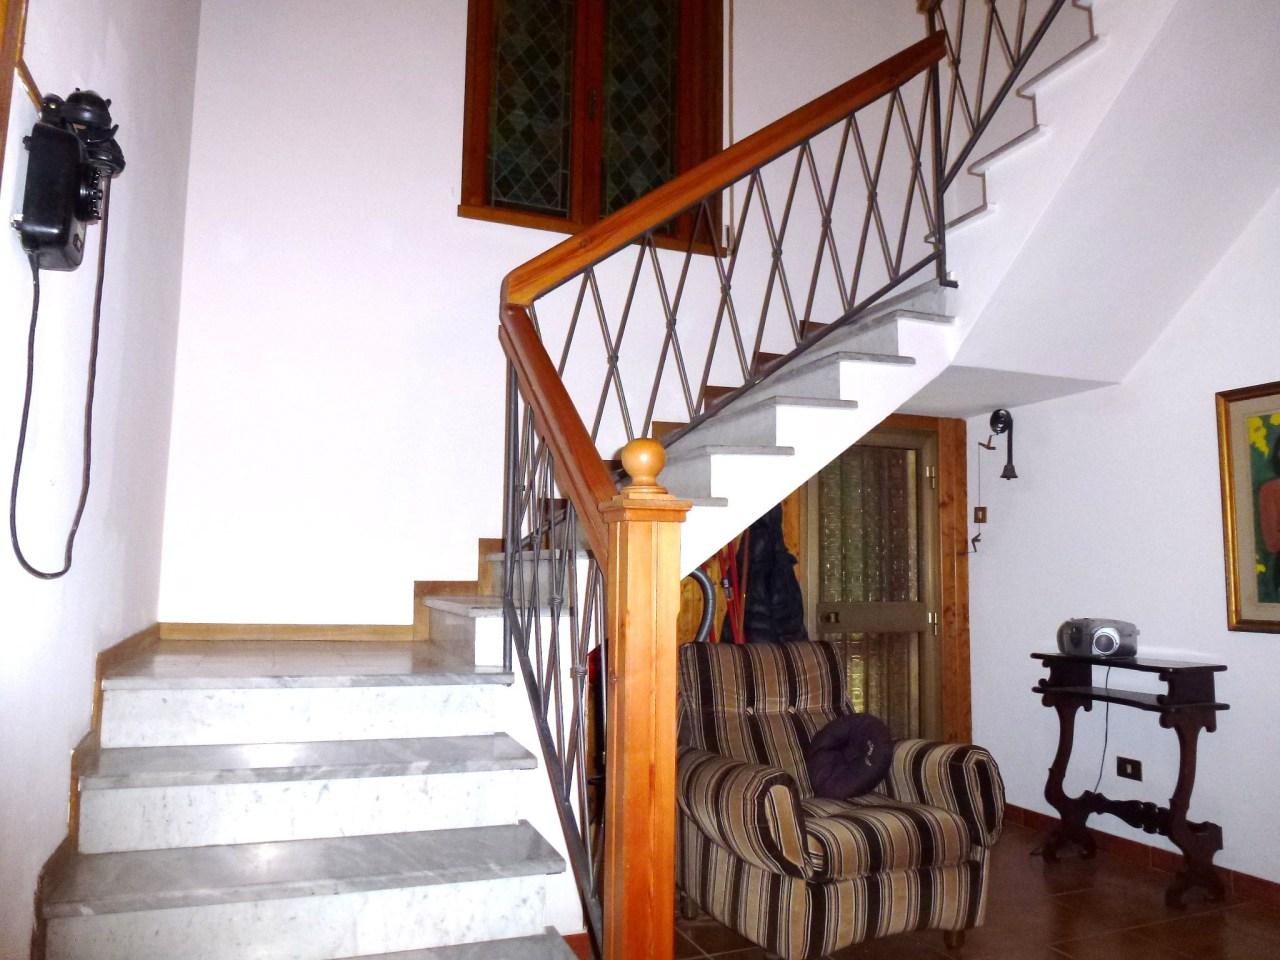 Rustico giardino 3 camere vecchiano in vendita waa2 for Scala metri quadrati